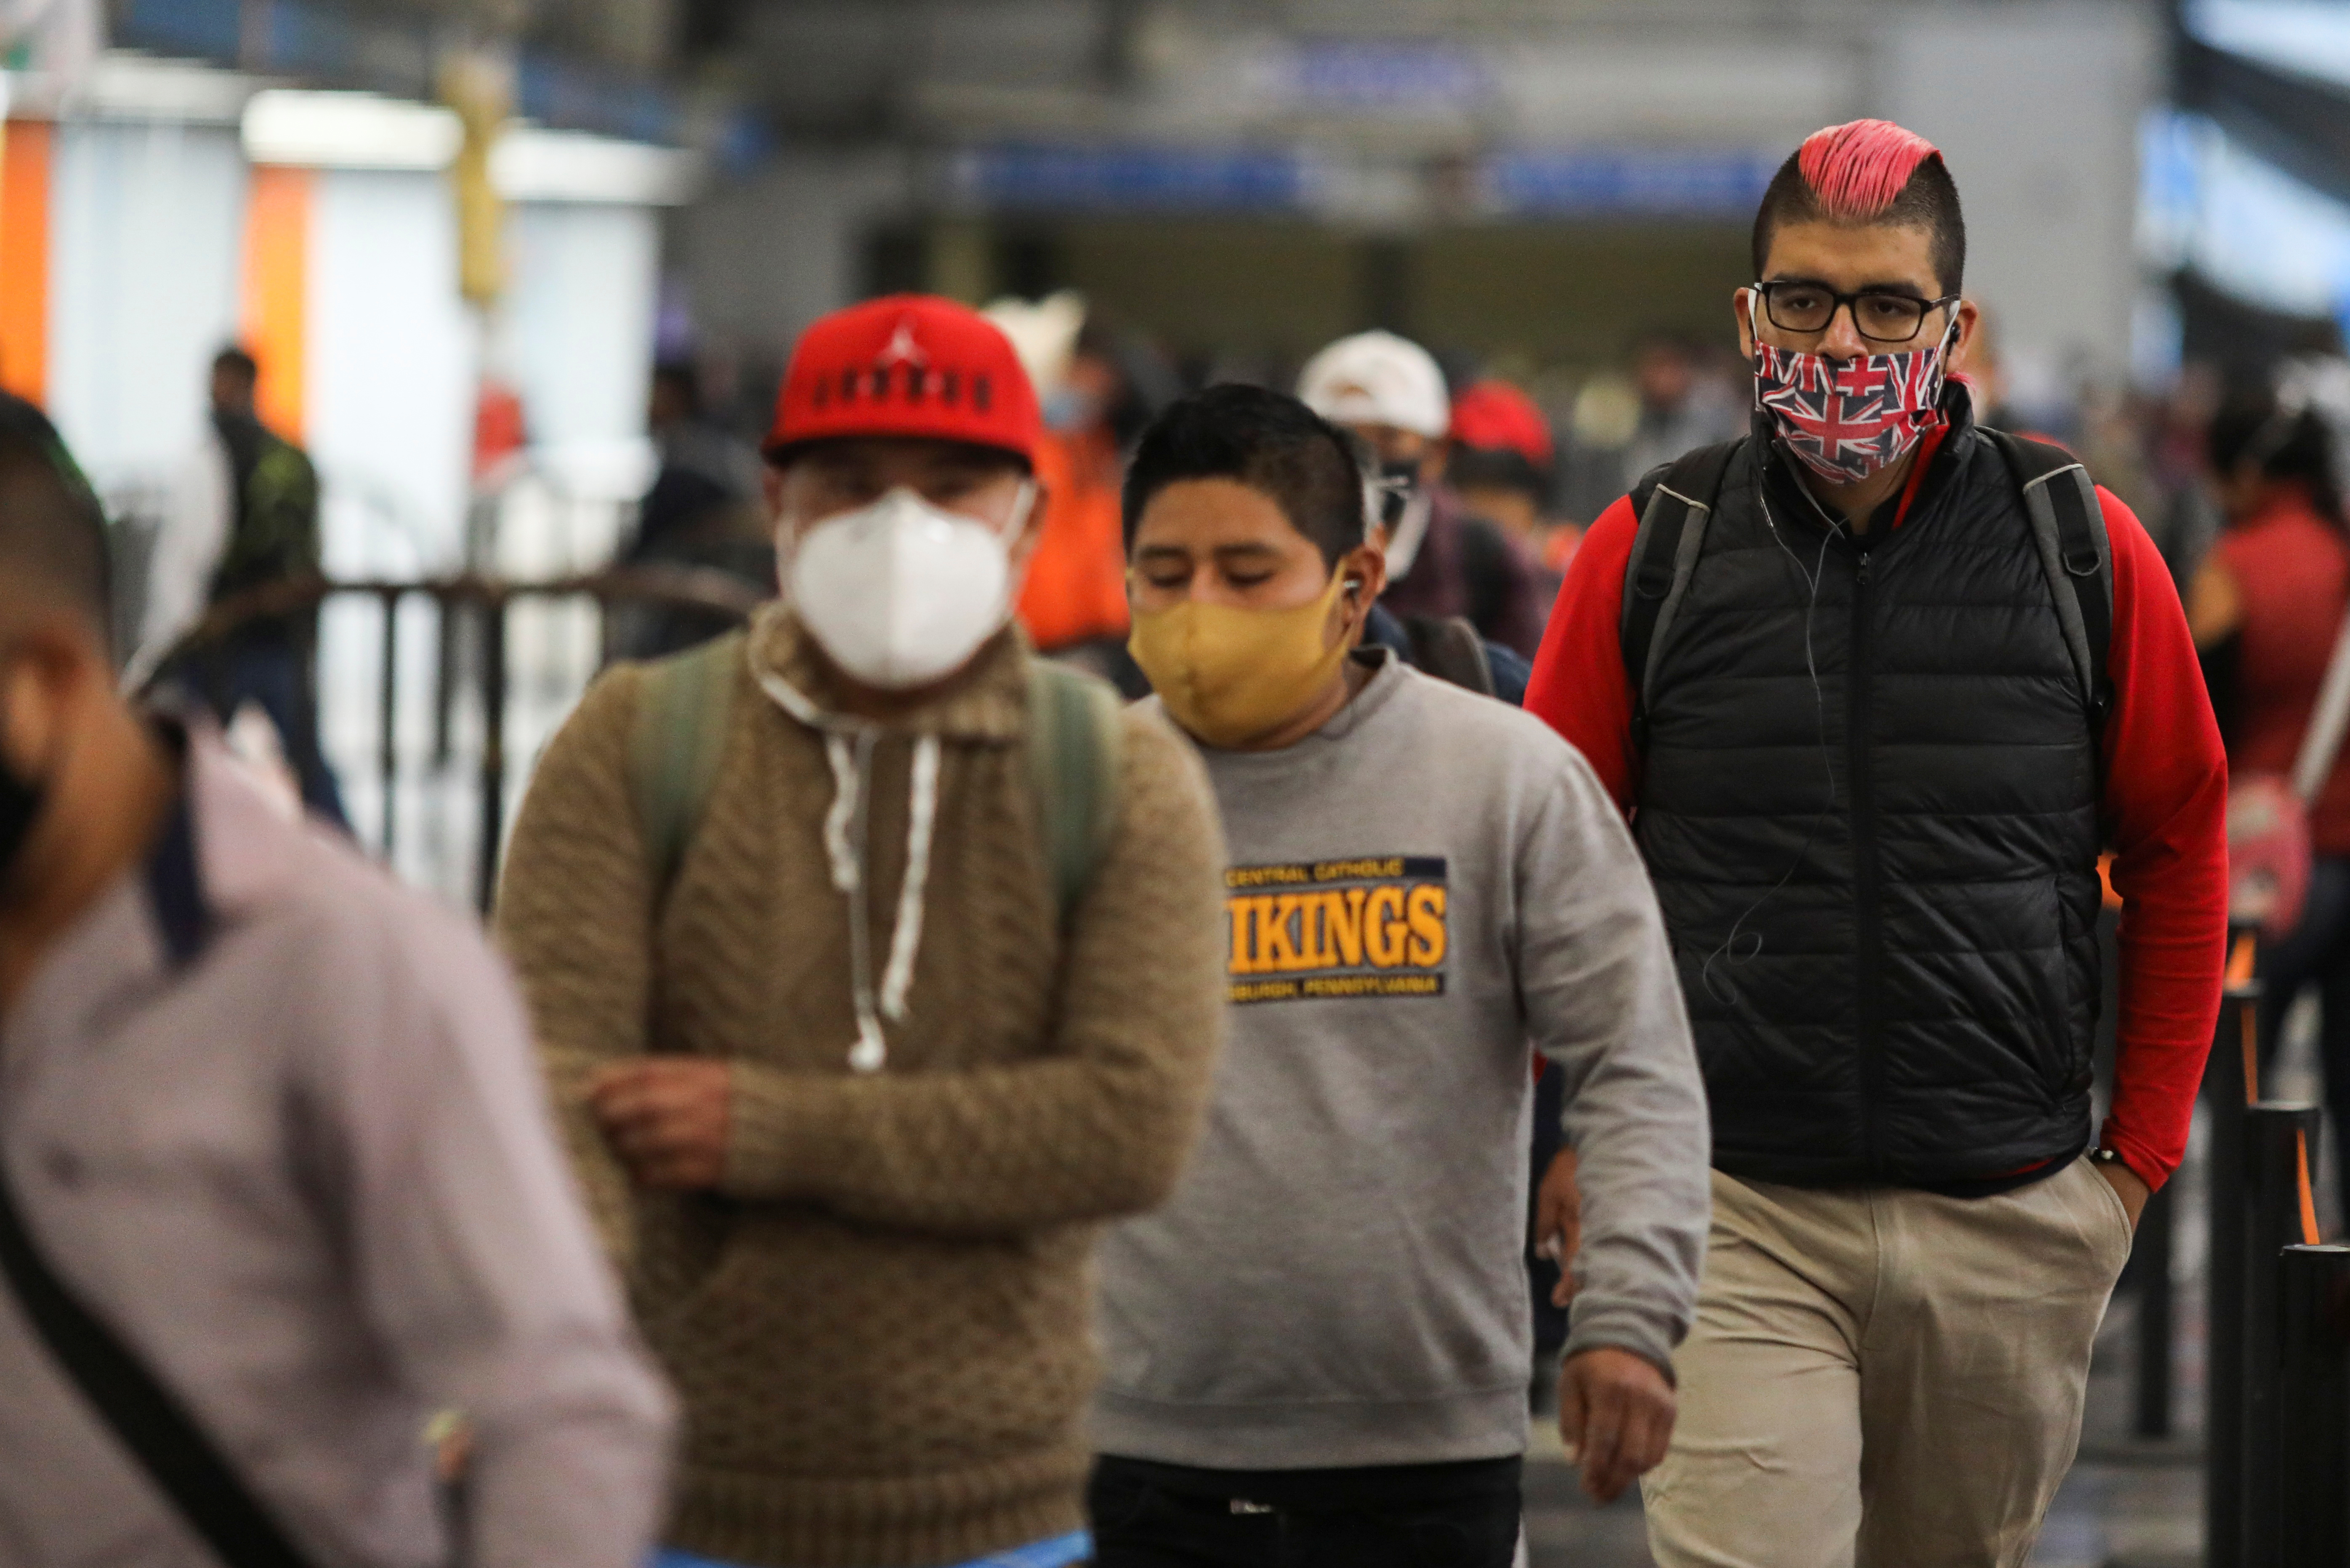 Las personas con máscaras protectoras caminan dentro de una estación de metro después de que el gobierno de la ciudad levantó las restricciones sobre el tráfico de automóviles y el transporte público junto con las obras de la fábrica, para reanudar bajo estrictas protecciones sanitarias. Junio 15, 2020. Foto: Reuters.